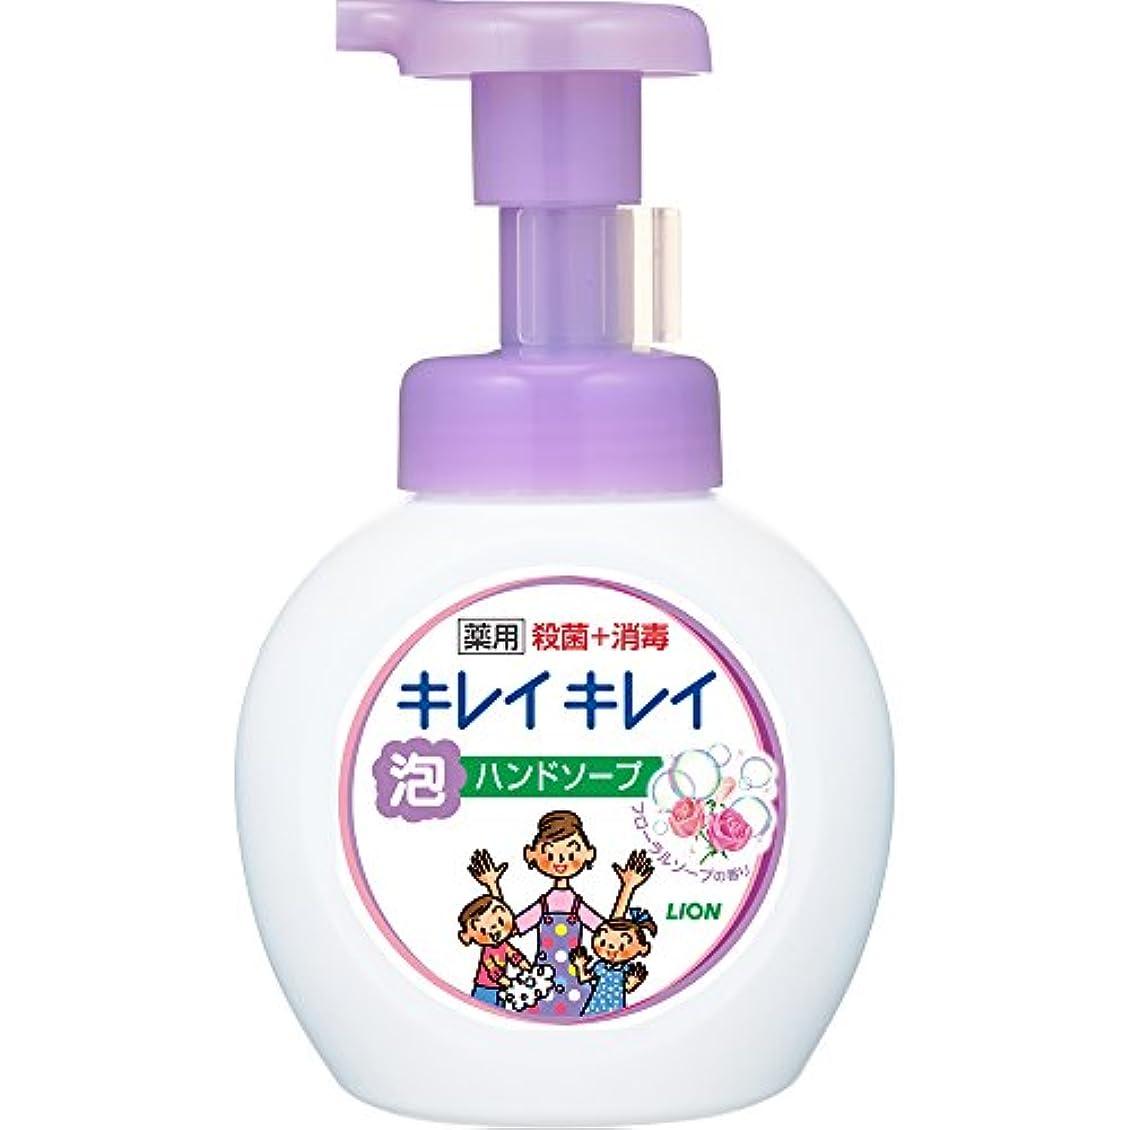 排出スタンドアクチュエータキレイキレイ 薬用 泡ハンドソープ フローラルソープの香り 本体ポンプ 250ml(医薬部外品)